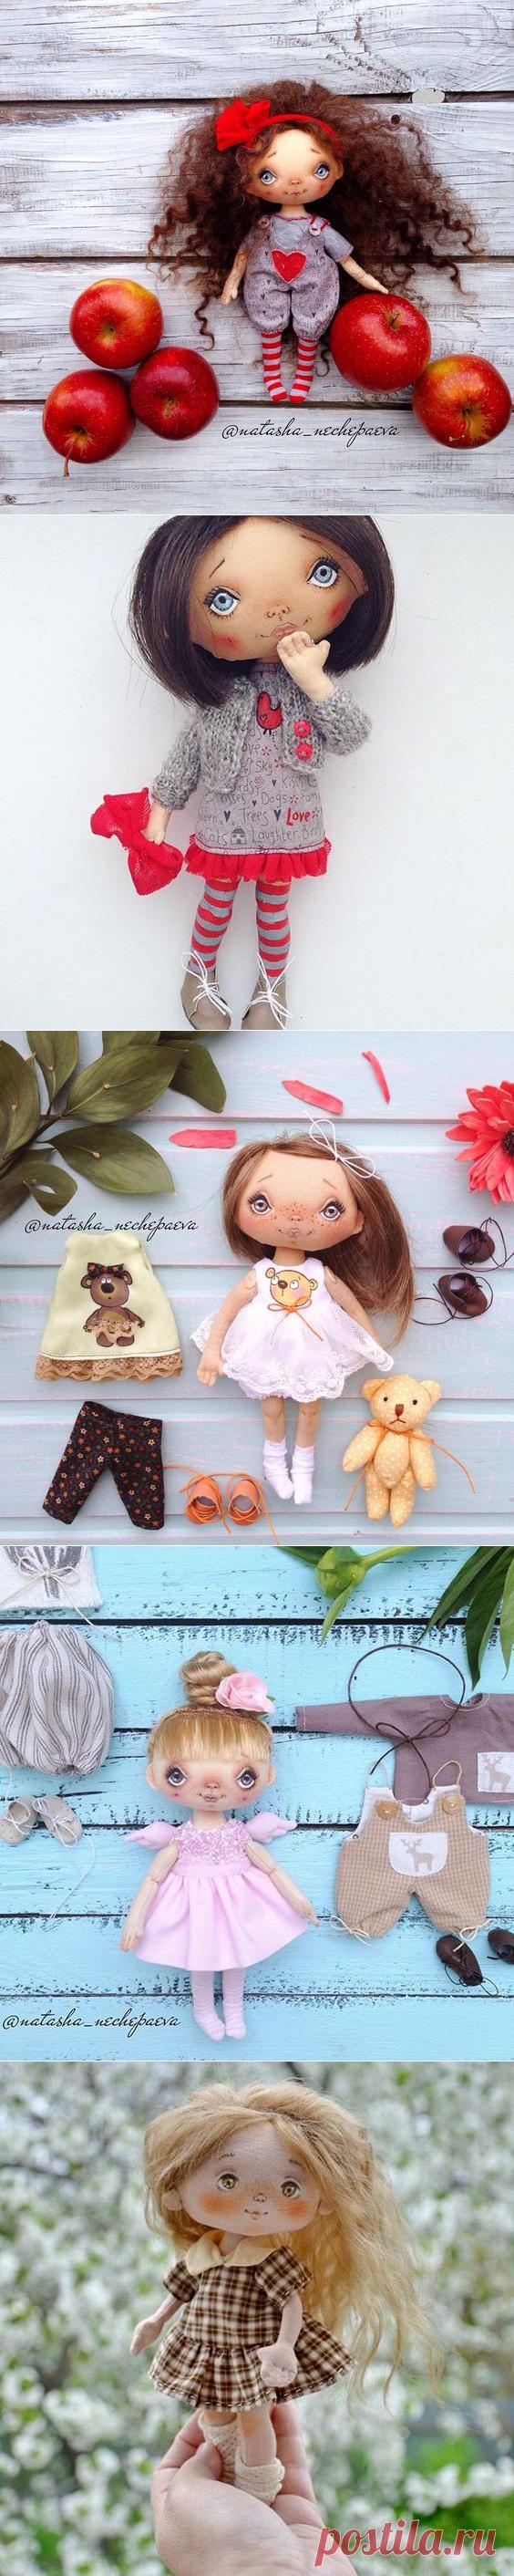 >Красивая маленькая куколка (есть выкройка)